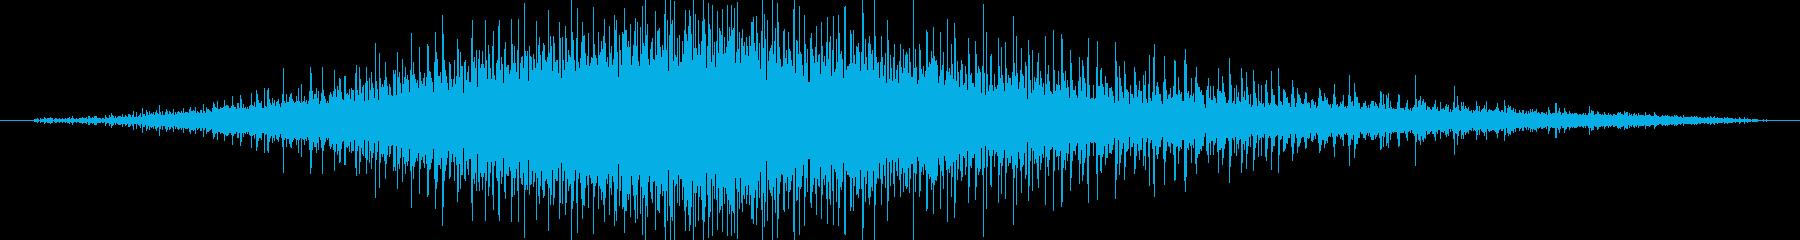 機械 ジグソーエンジン中速中長さ02の再生済みの波形